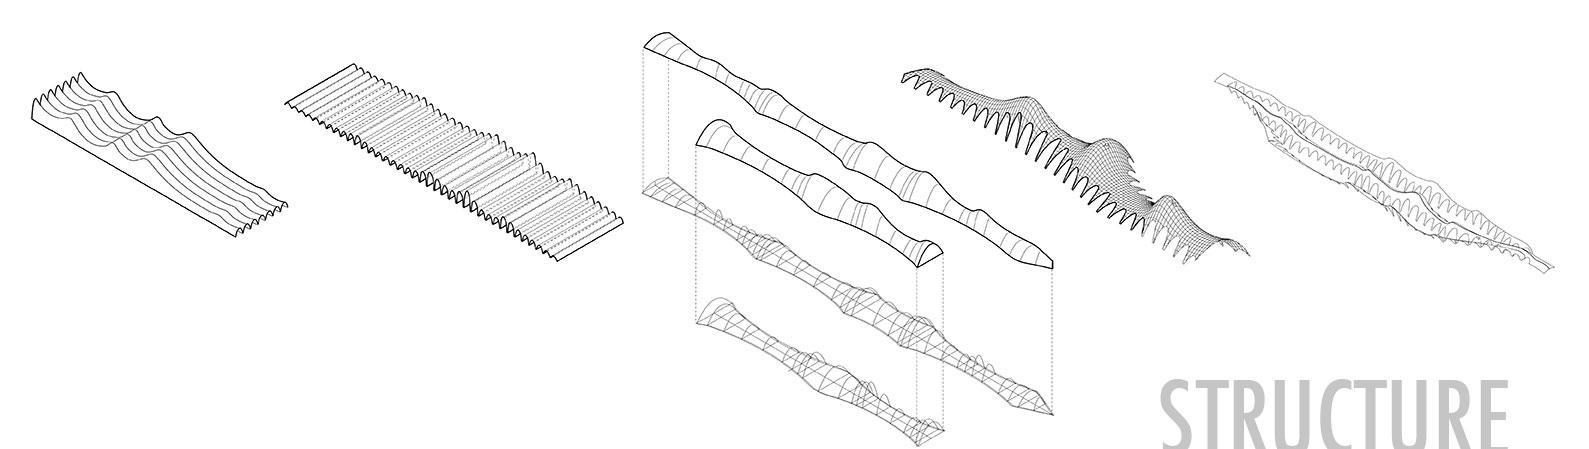 structure-strjpg